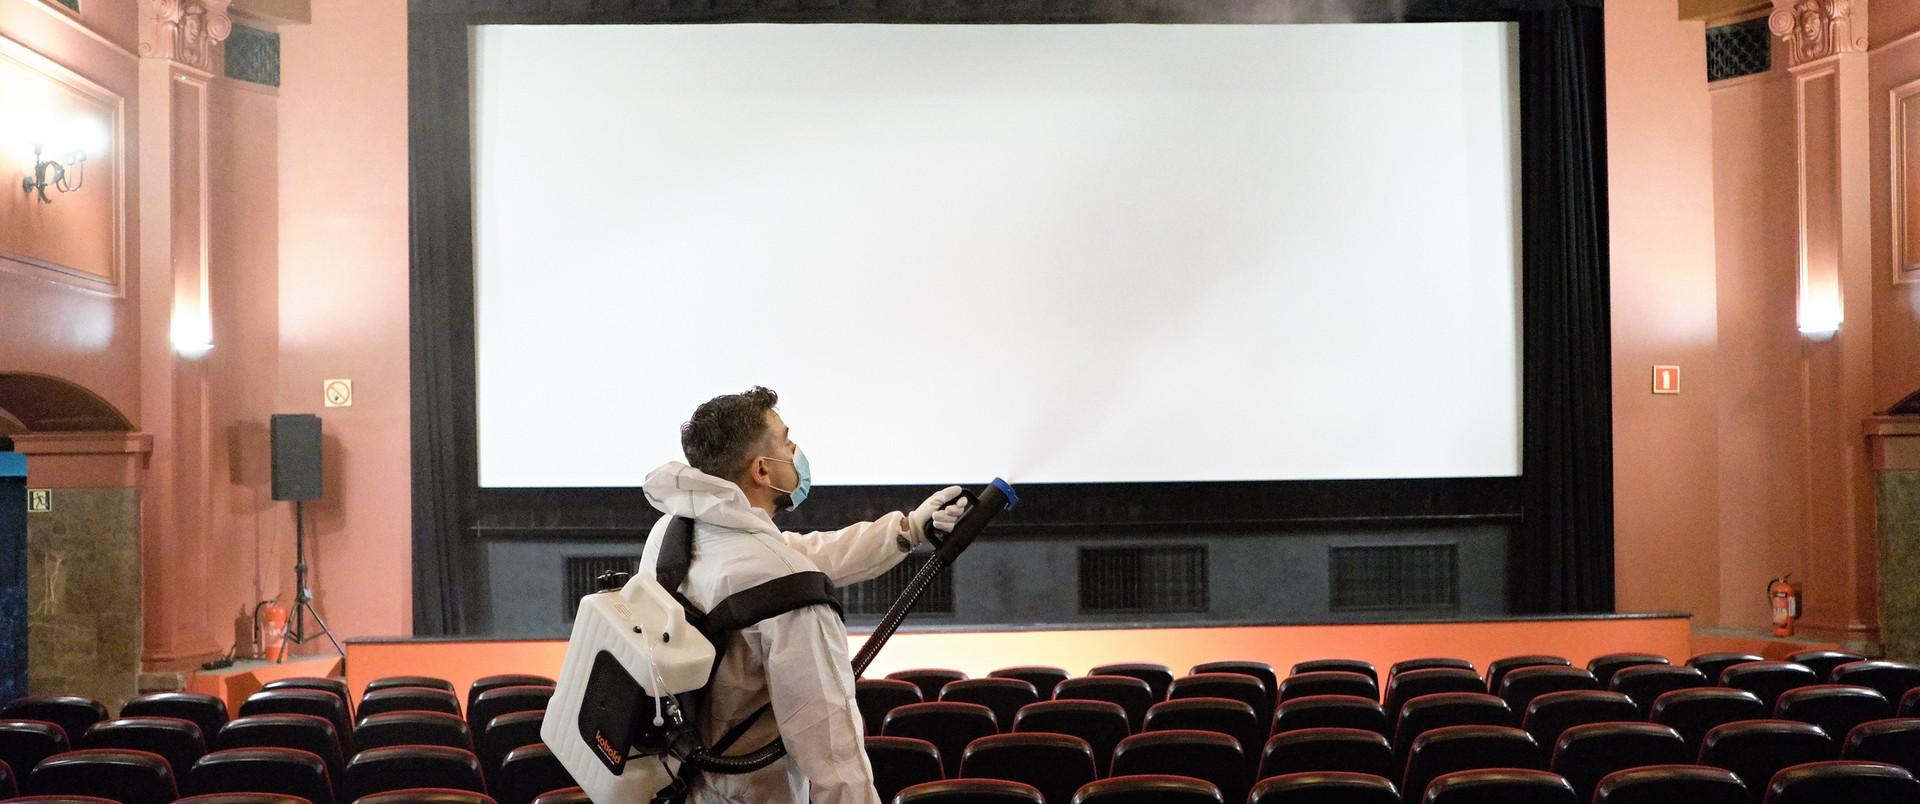 Zaremba: zostawmy kina i teatry w spokoju, to nie tam się tłoczą